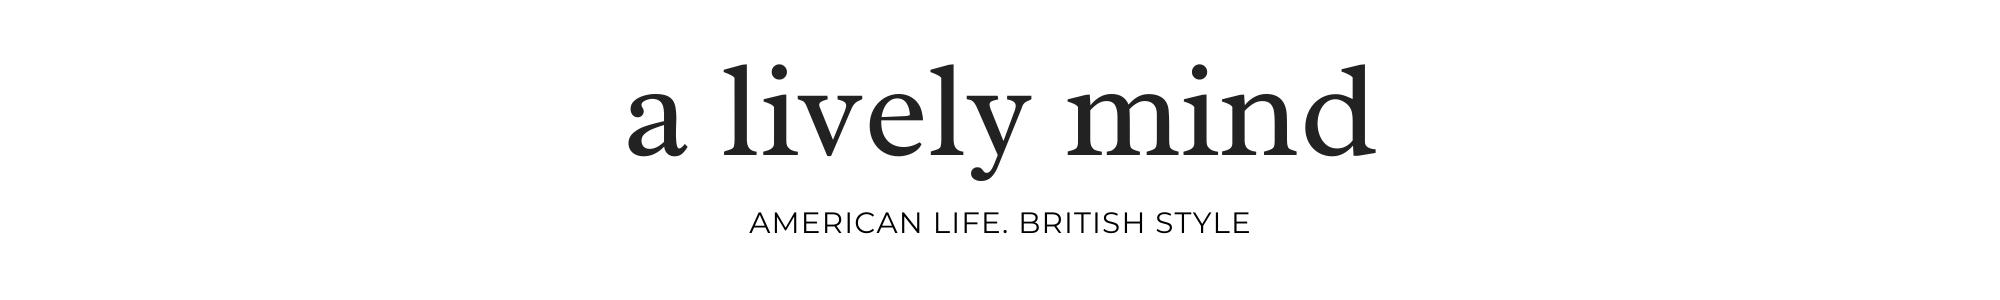 A Lively Mind